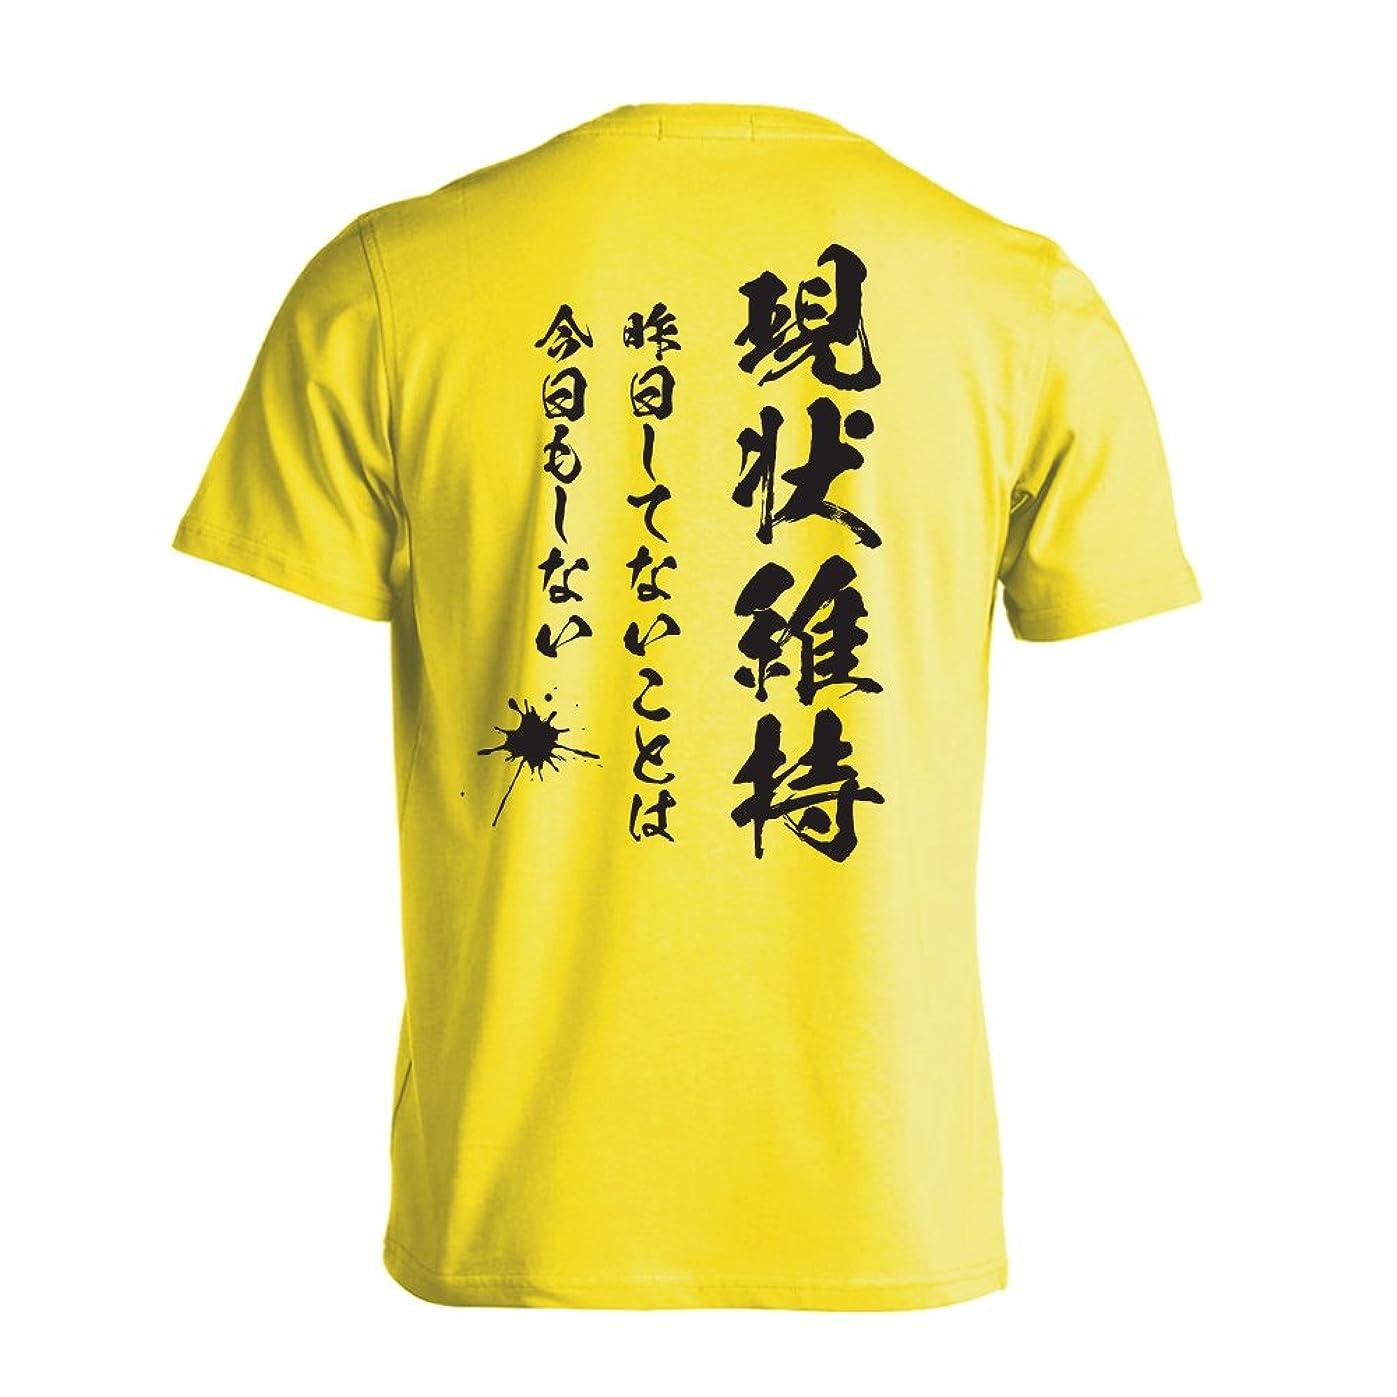 洗練枕喉頭おもしろ tシャツ の 俺流総本家 【はずれ馬券は経費です】 面白いtシャツ tシャツ メンズ 半袖 長袖 白 黒